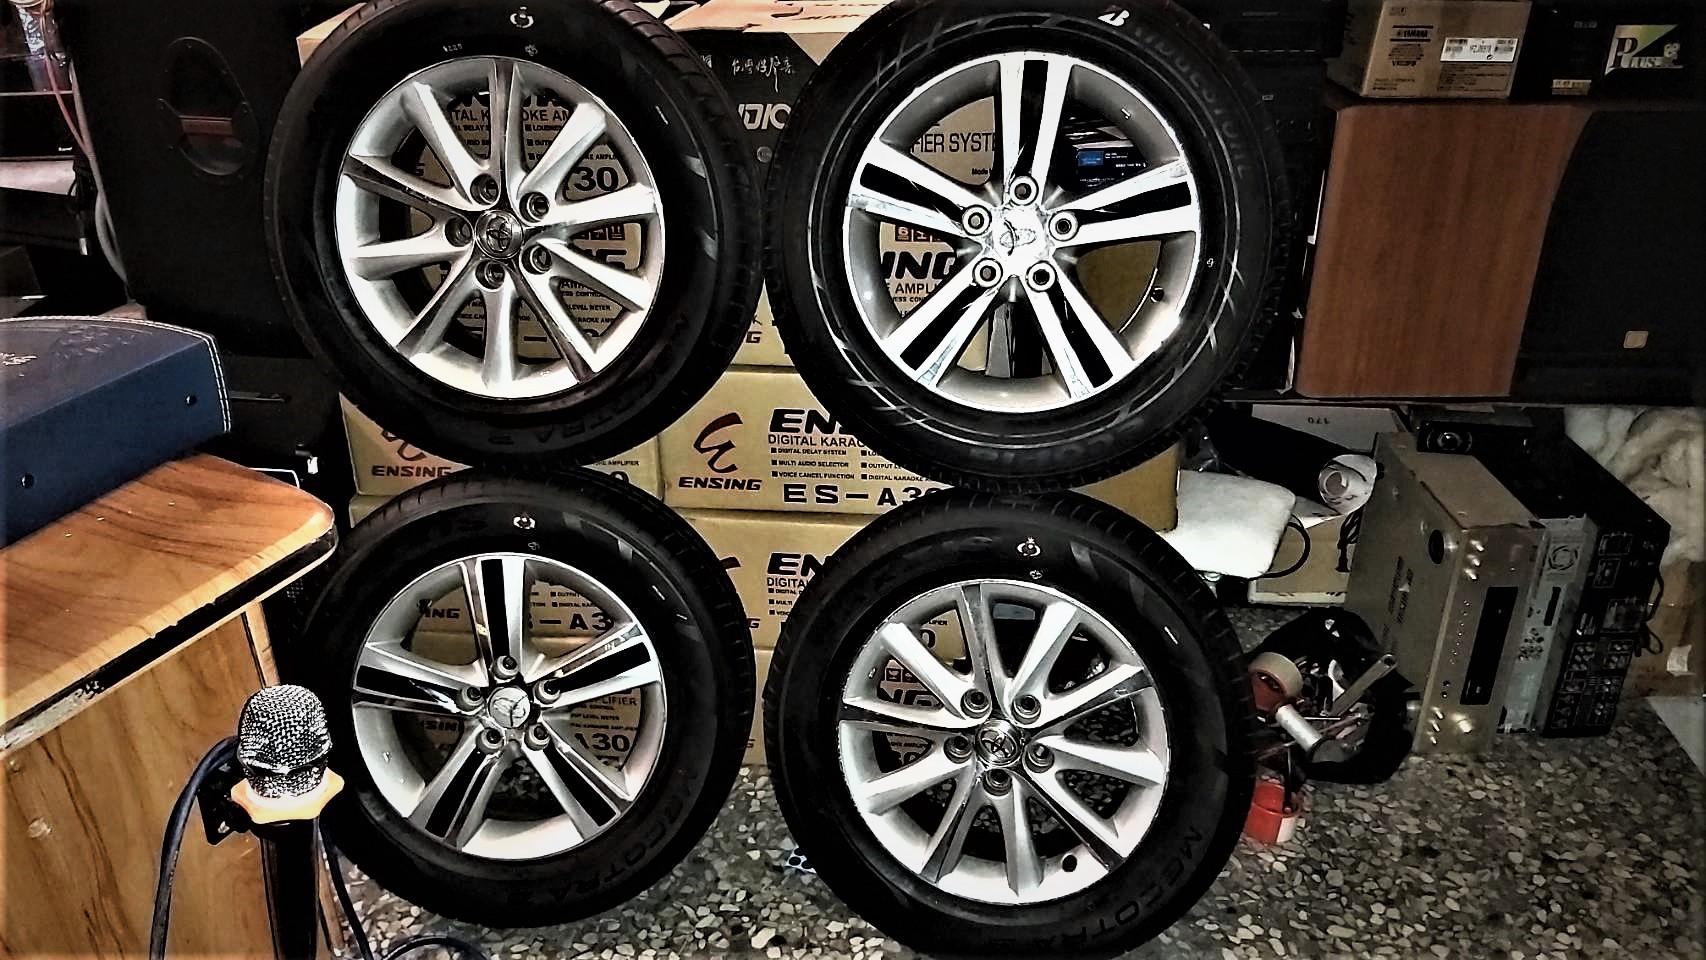 )  買4顆  (16吋 5孔 114.3鋁圈)  送4條 (MAXXIS瑪吉斯 215/65/16輪胎